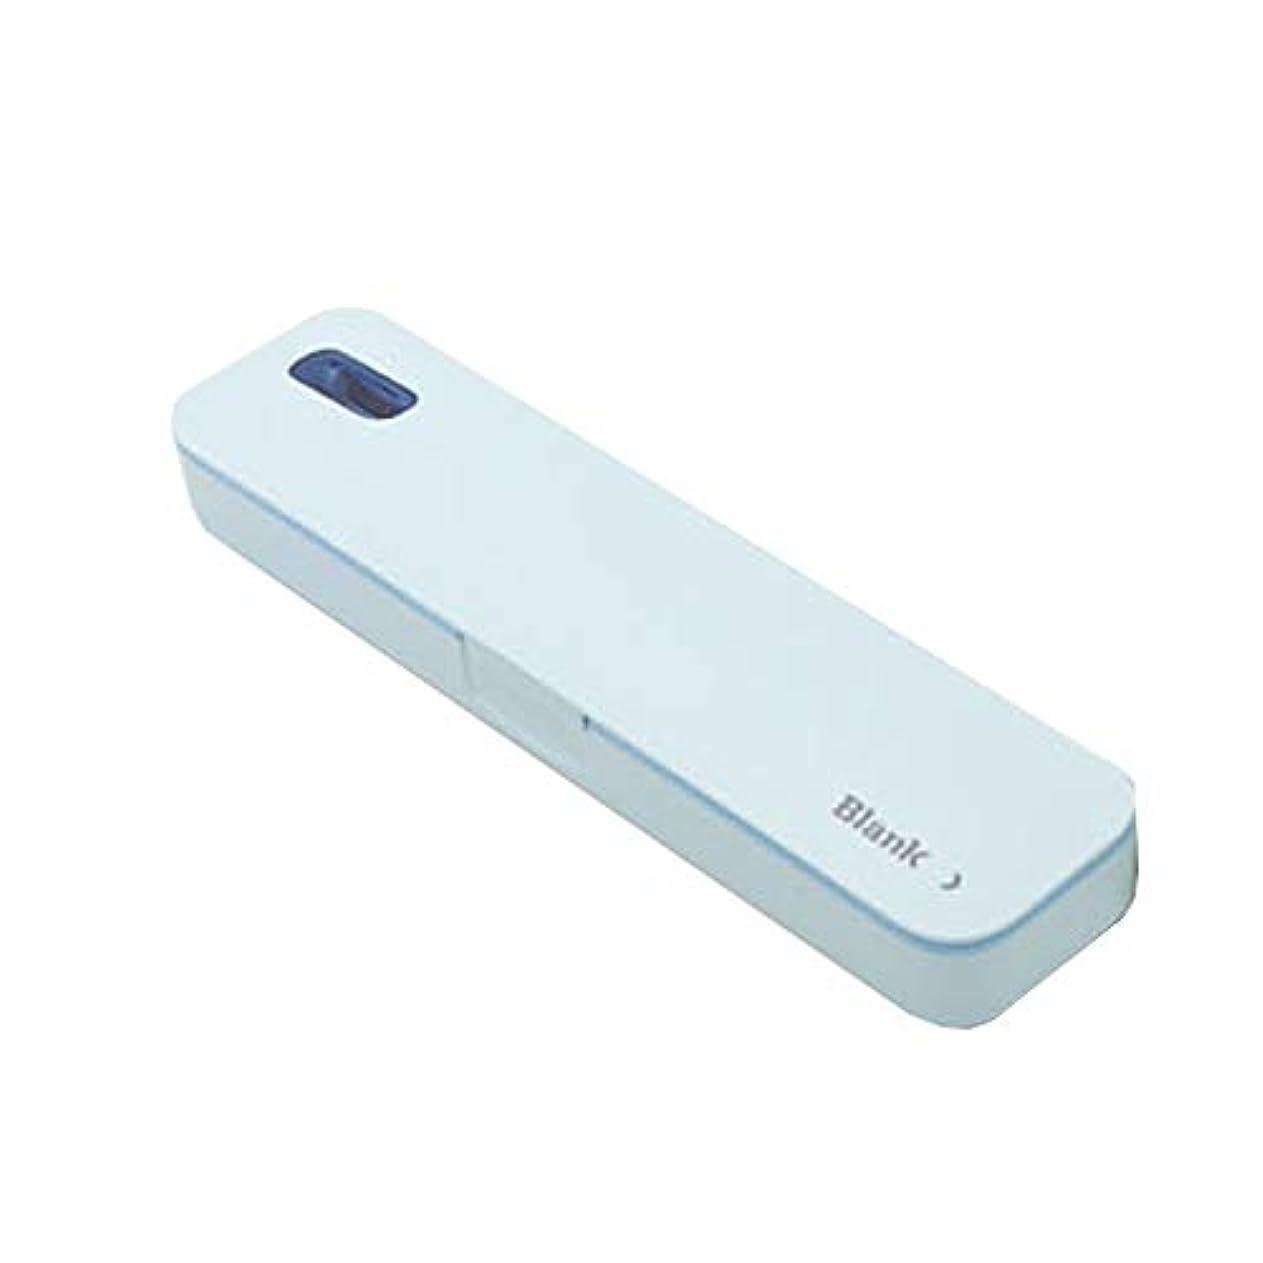 不愉快トピック温室iriver TBS-A500ポータブル紫外線歯ブラシ消毒剤 (Blue)